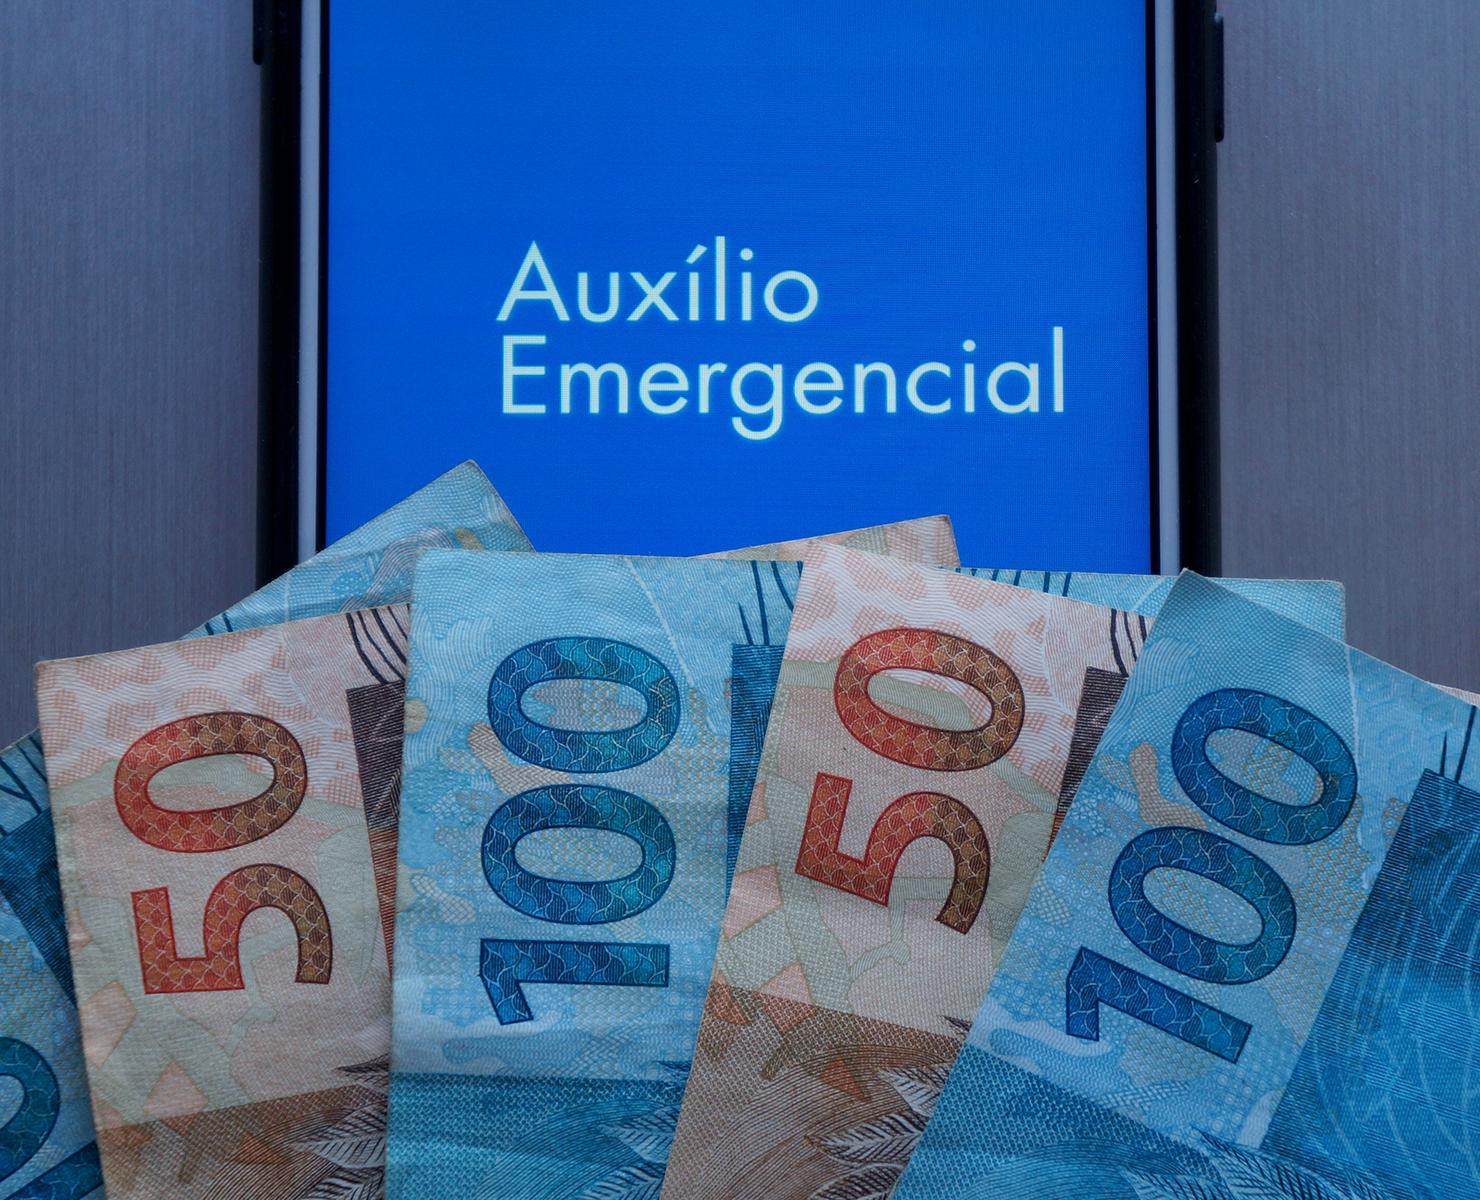 AUXÍLIO EMERGENCIAL: GOVERNO DESISTE DE FRACIONAR PARCELAS; VEJA CALENDÁRIO